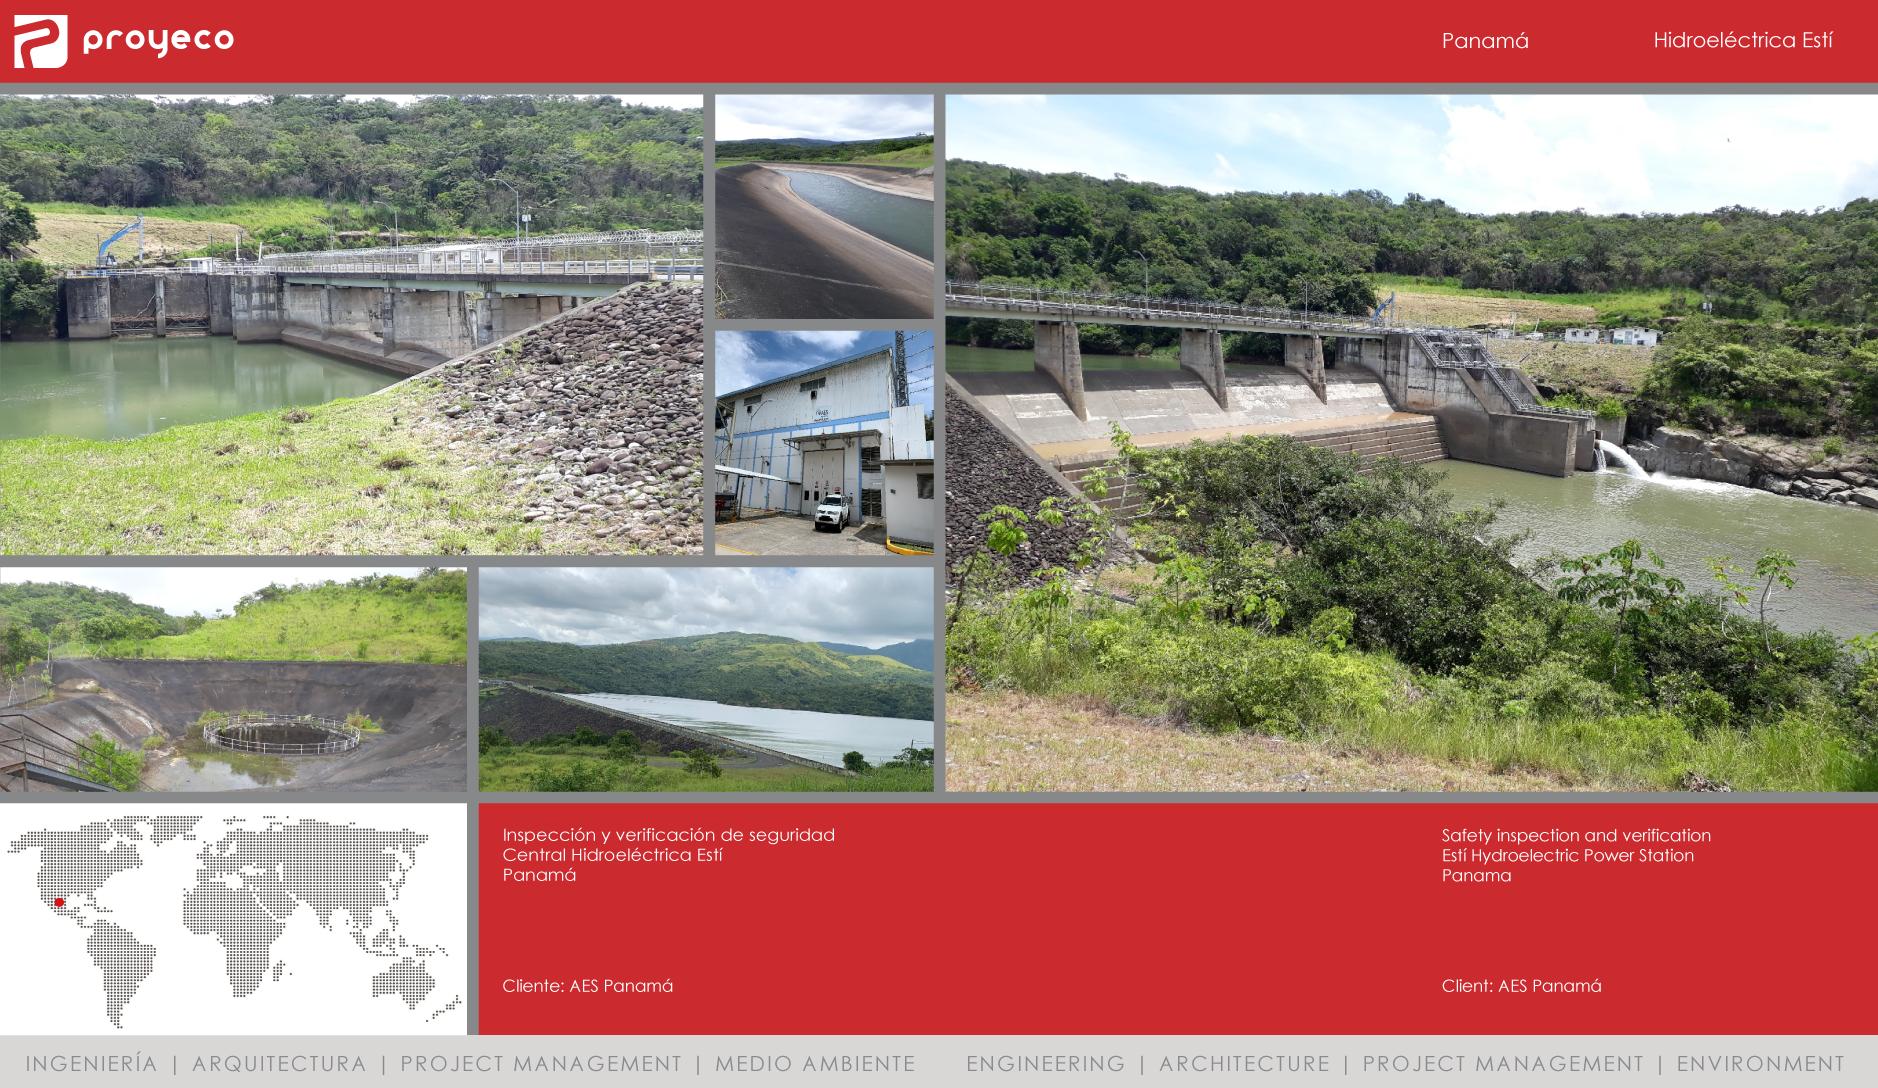 202_Hidroelectrica-Estí